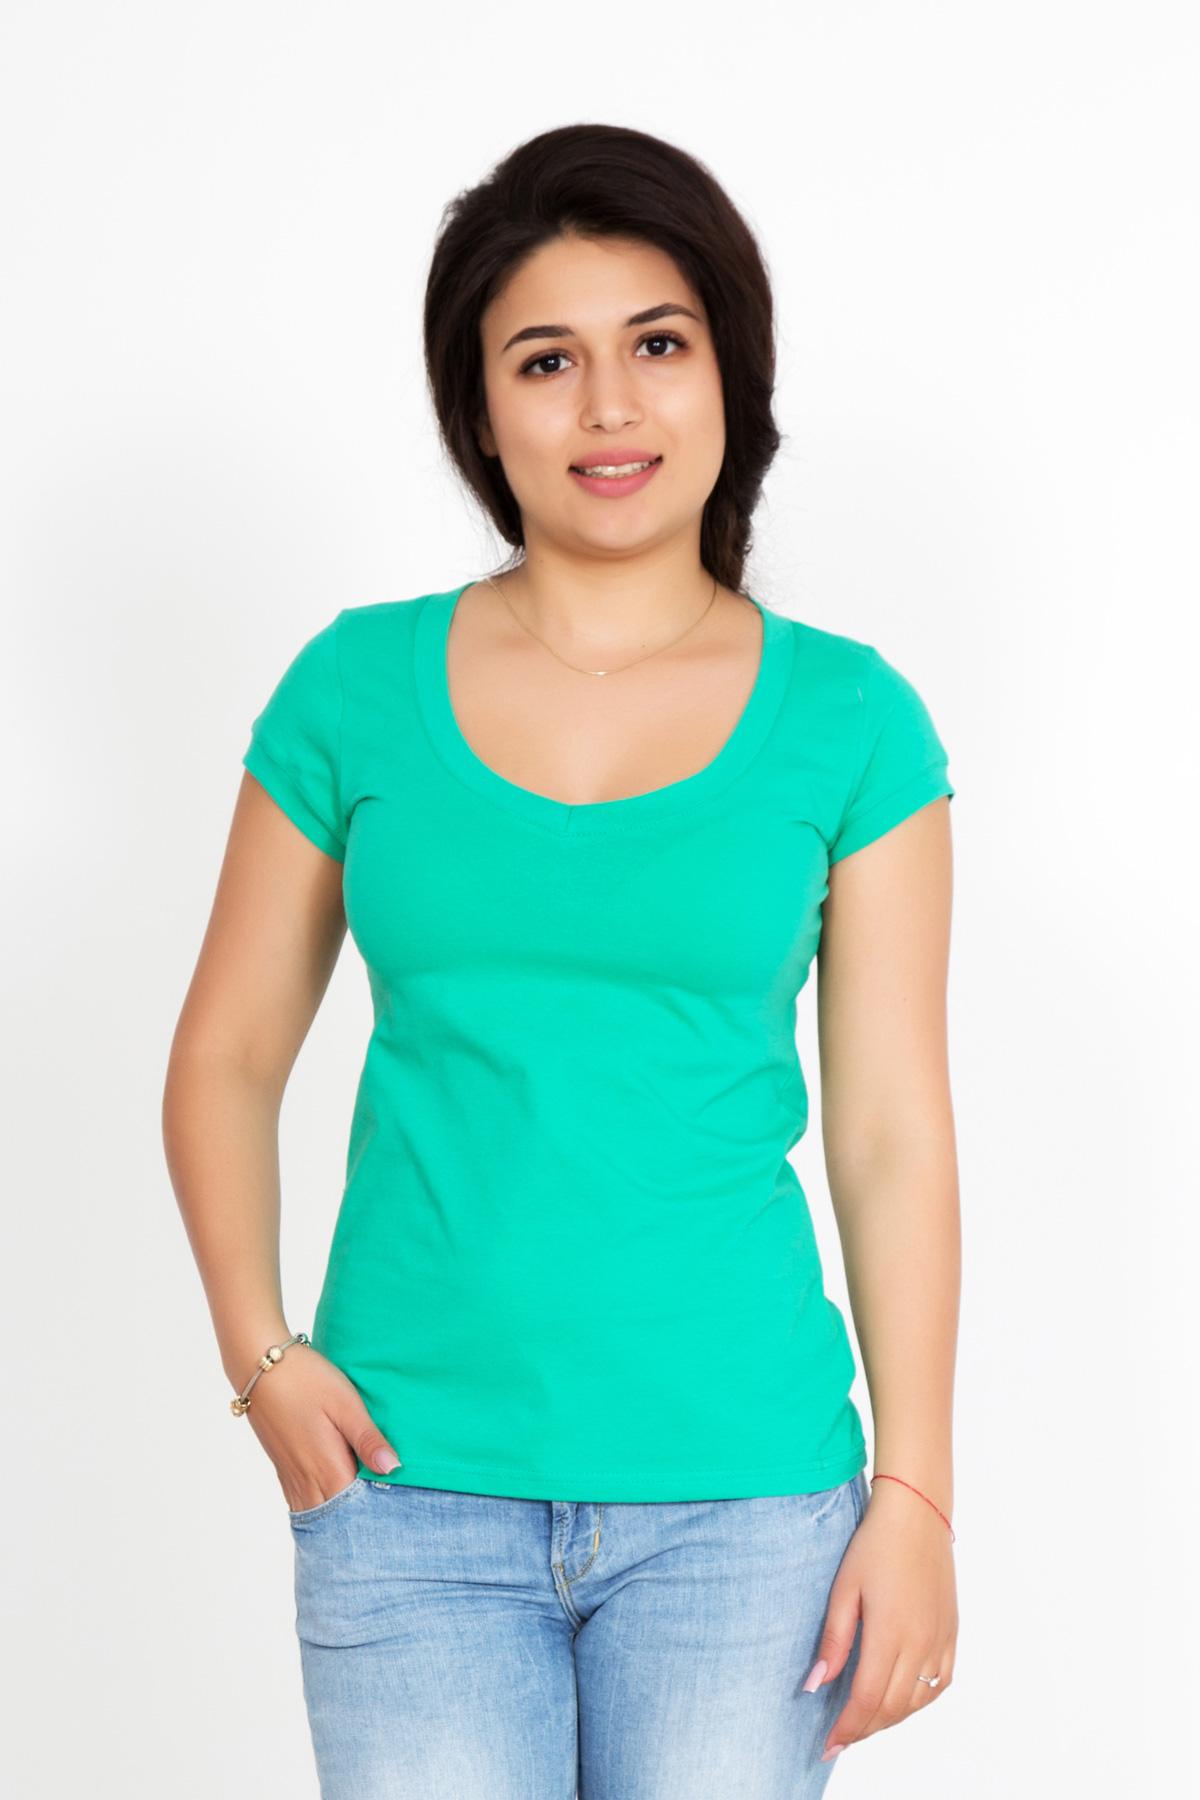 Жен. футболка Лиза Ментоловый р. 48Майки и футболки<br>Факт. ОГ: 86 см <br>Факт. ОТ: 82 см <br>Факт. ОБ: 88 см <br>Длина по спинке: 61 см<br><br>Тип: Жен. футболка<br>Размер: 48<br>Материал: Фулайкра